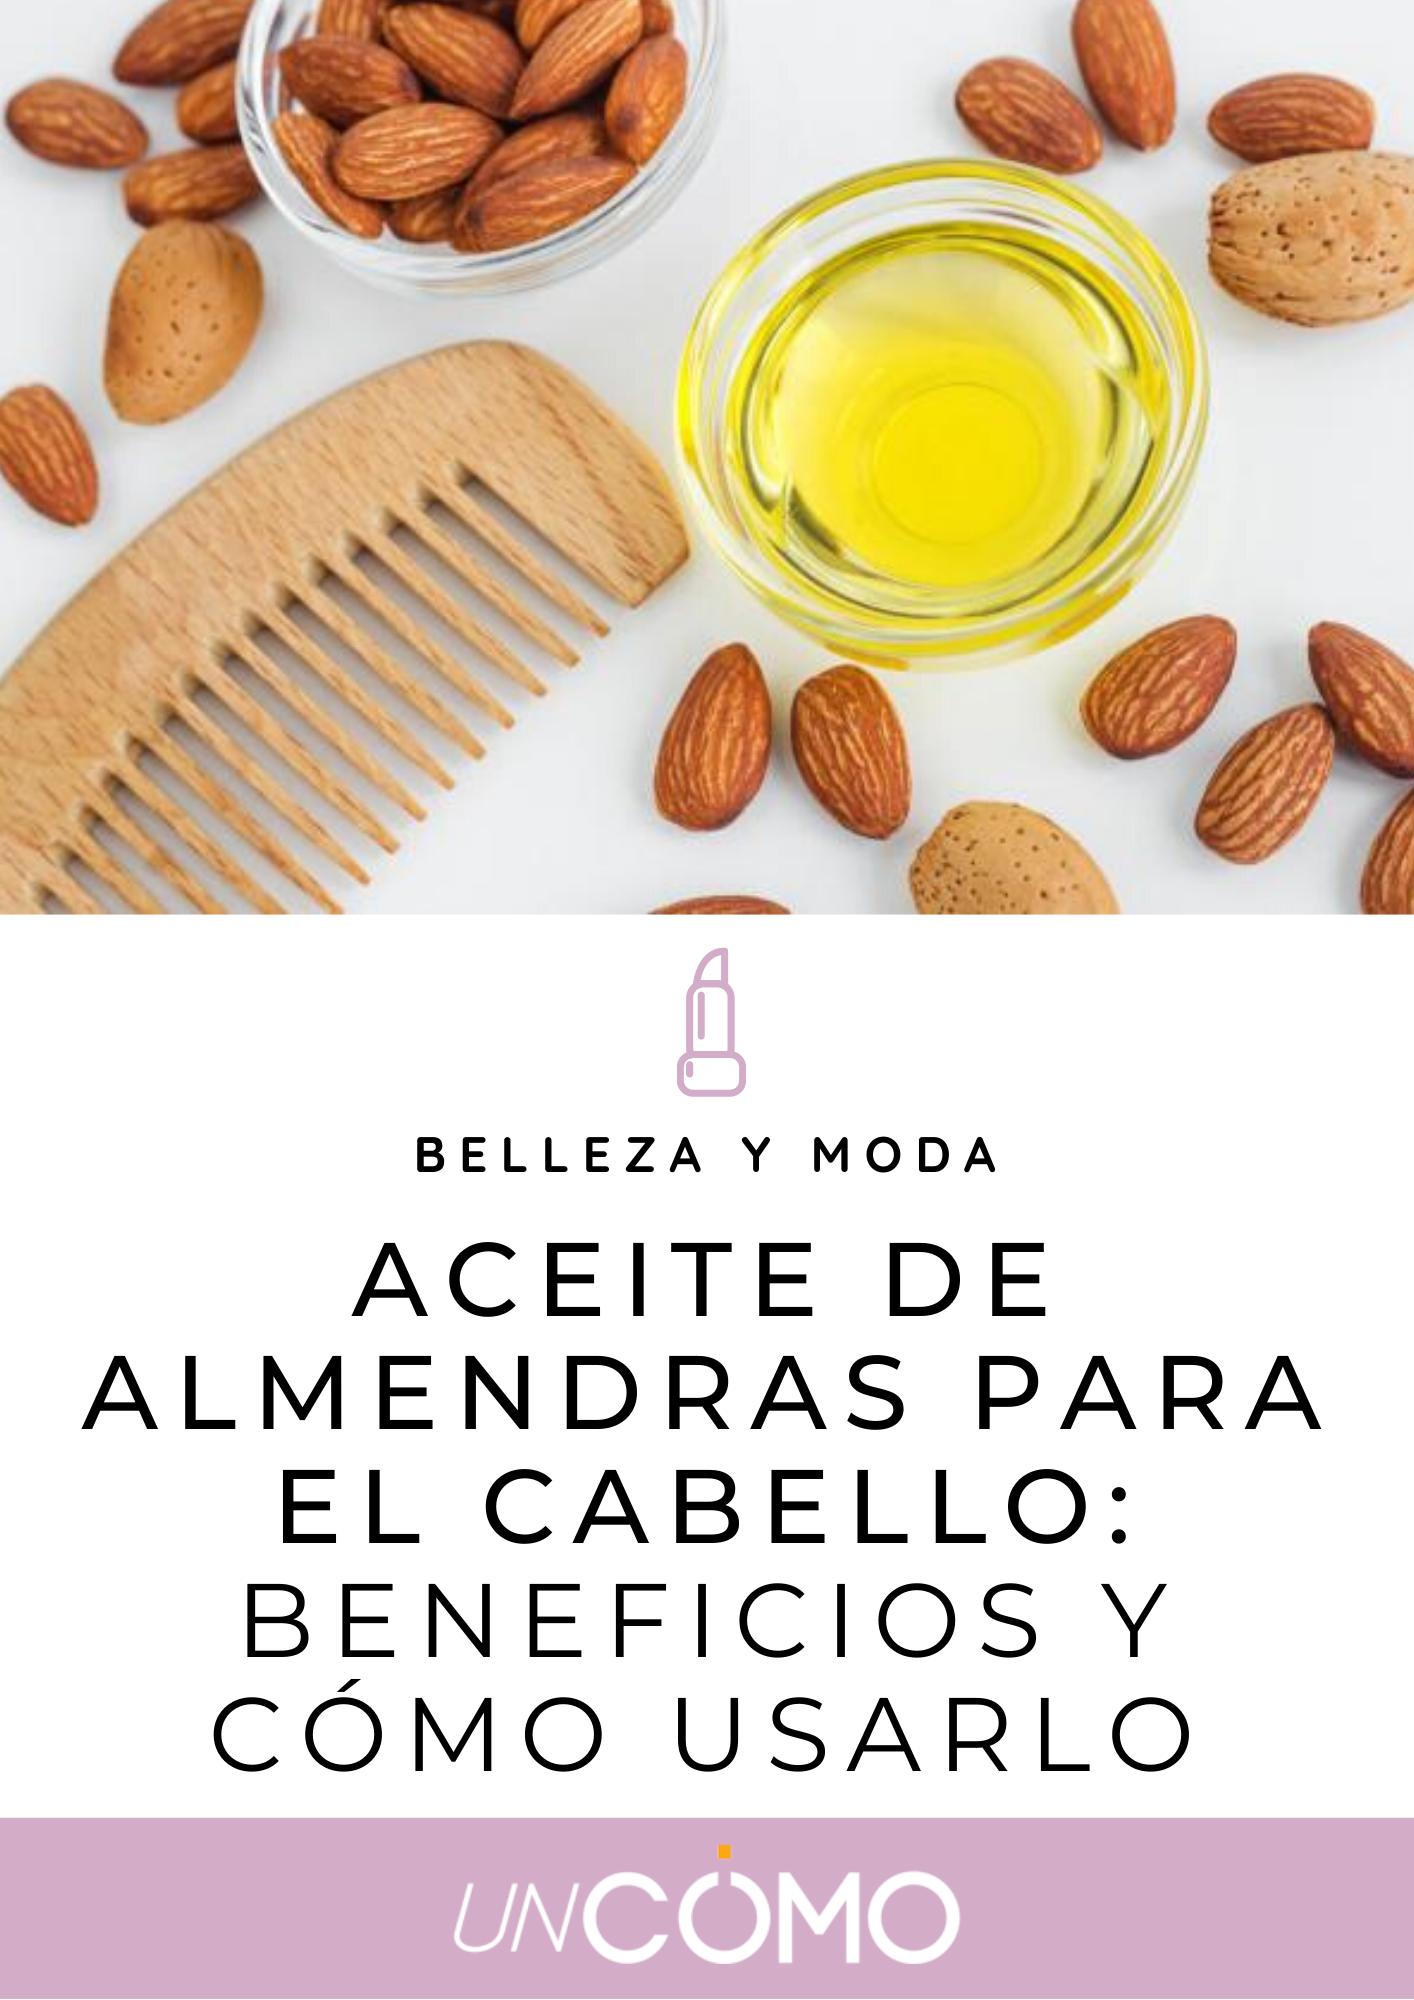 Aceite De Almendras Para El Cabello Beneficios Y Cómo Usarlo Aceite De Almendras Para El Cabello Aceite De Almendras Almendras